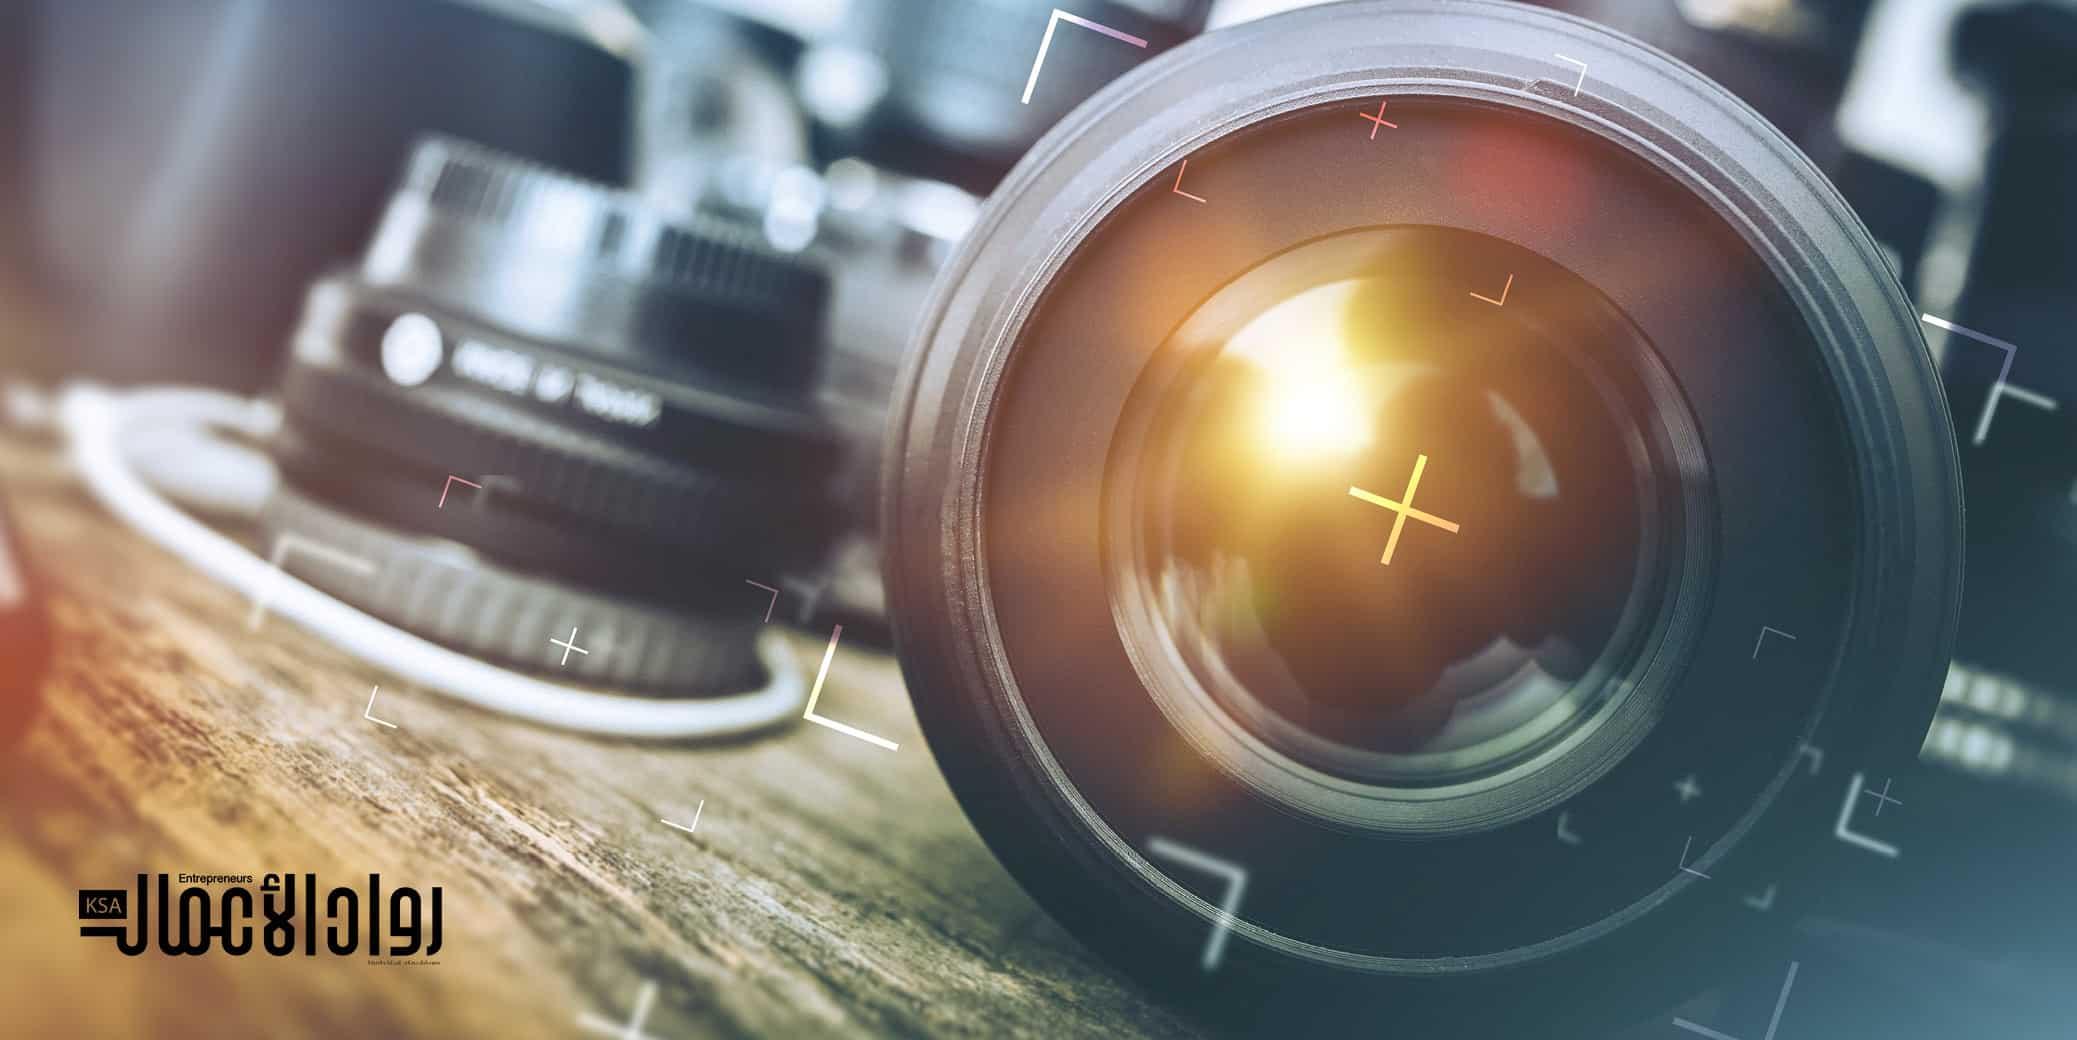 استغلال مهارات التصوير الفوتوغرافي